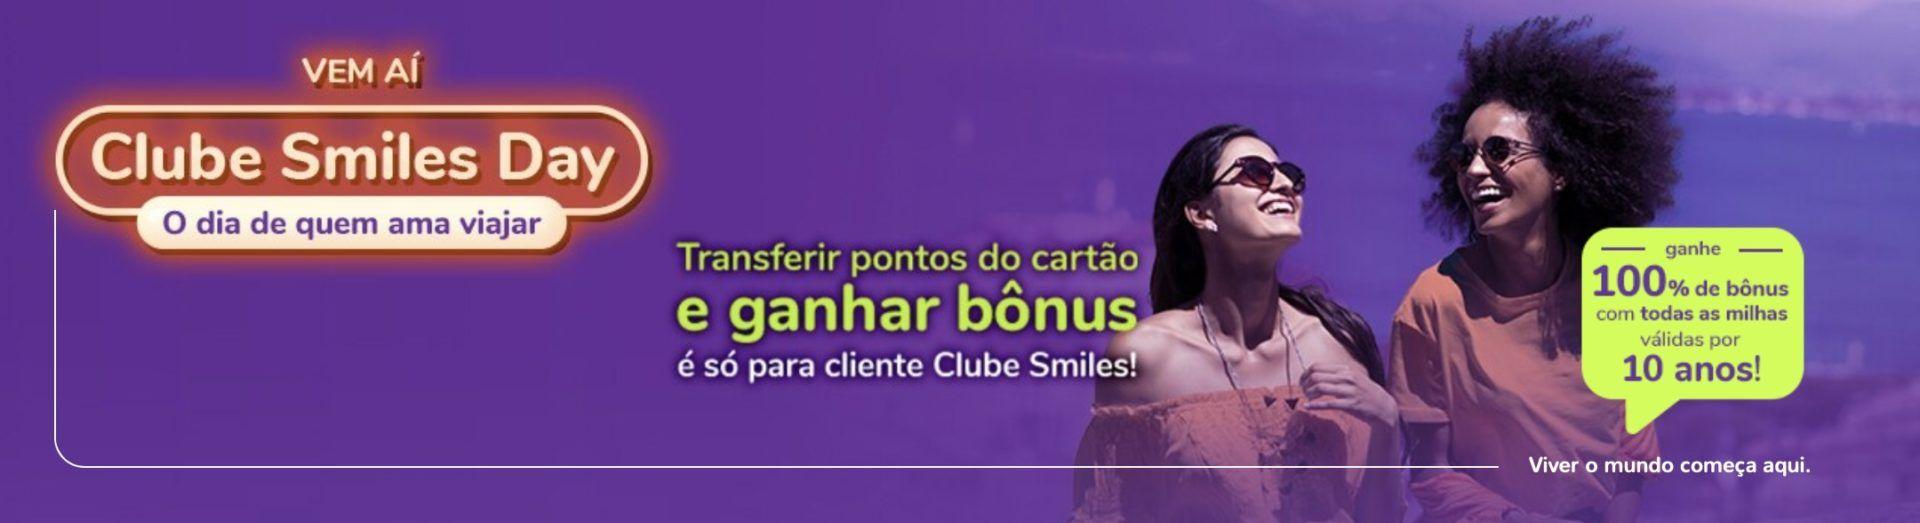 Smiles 100% bônus transferências